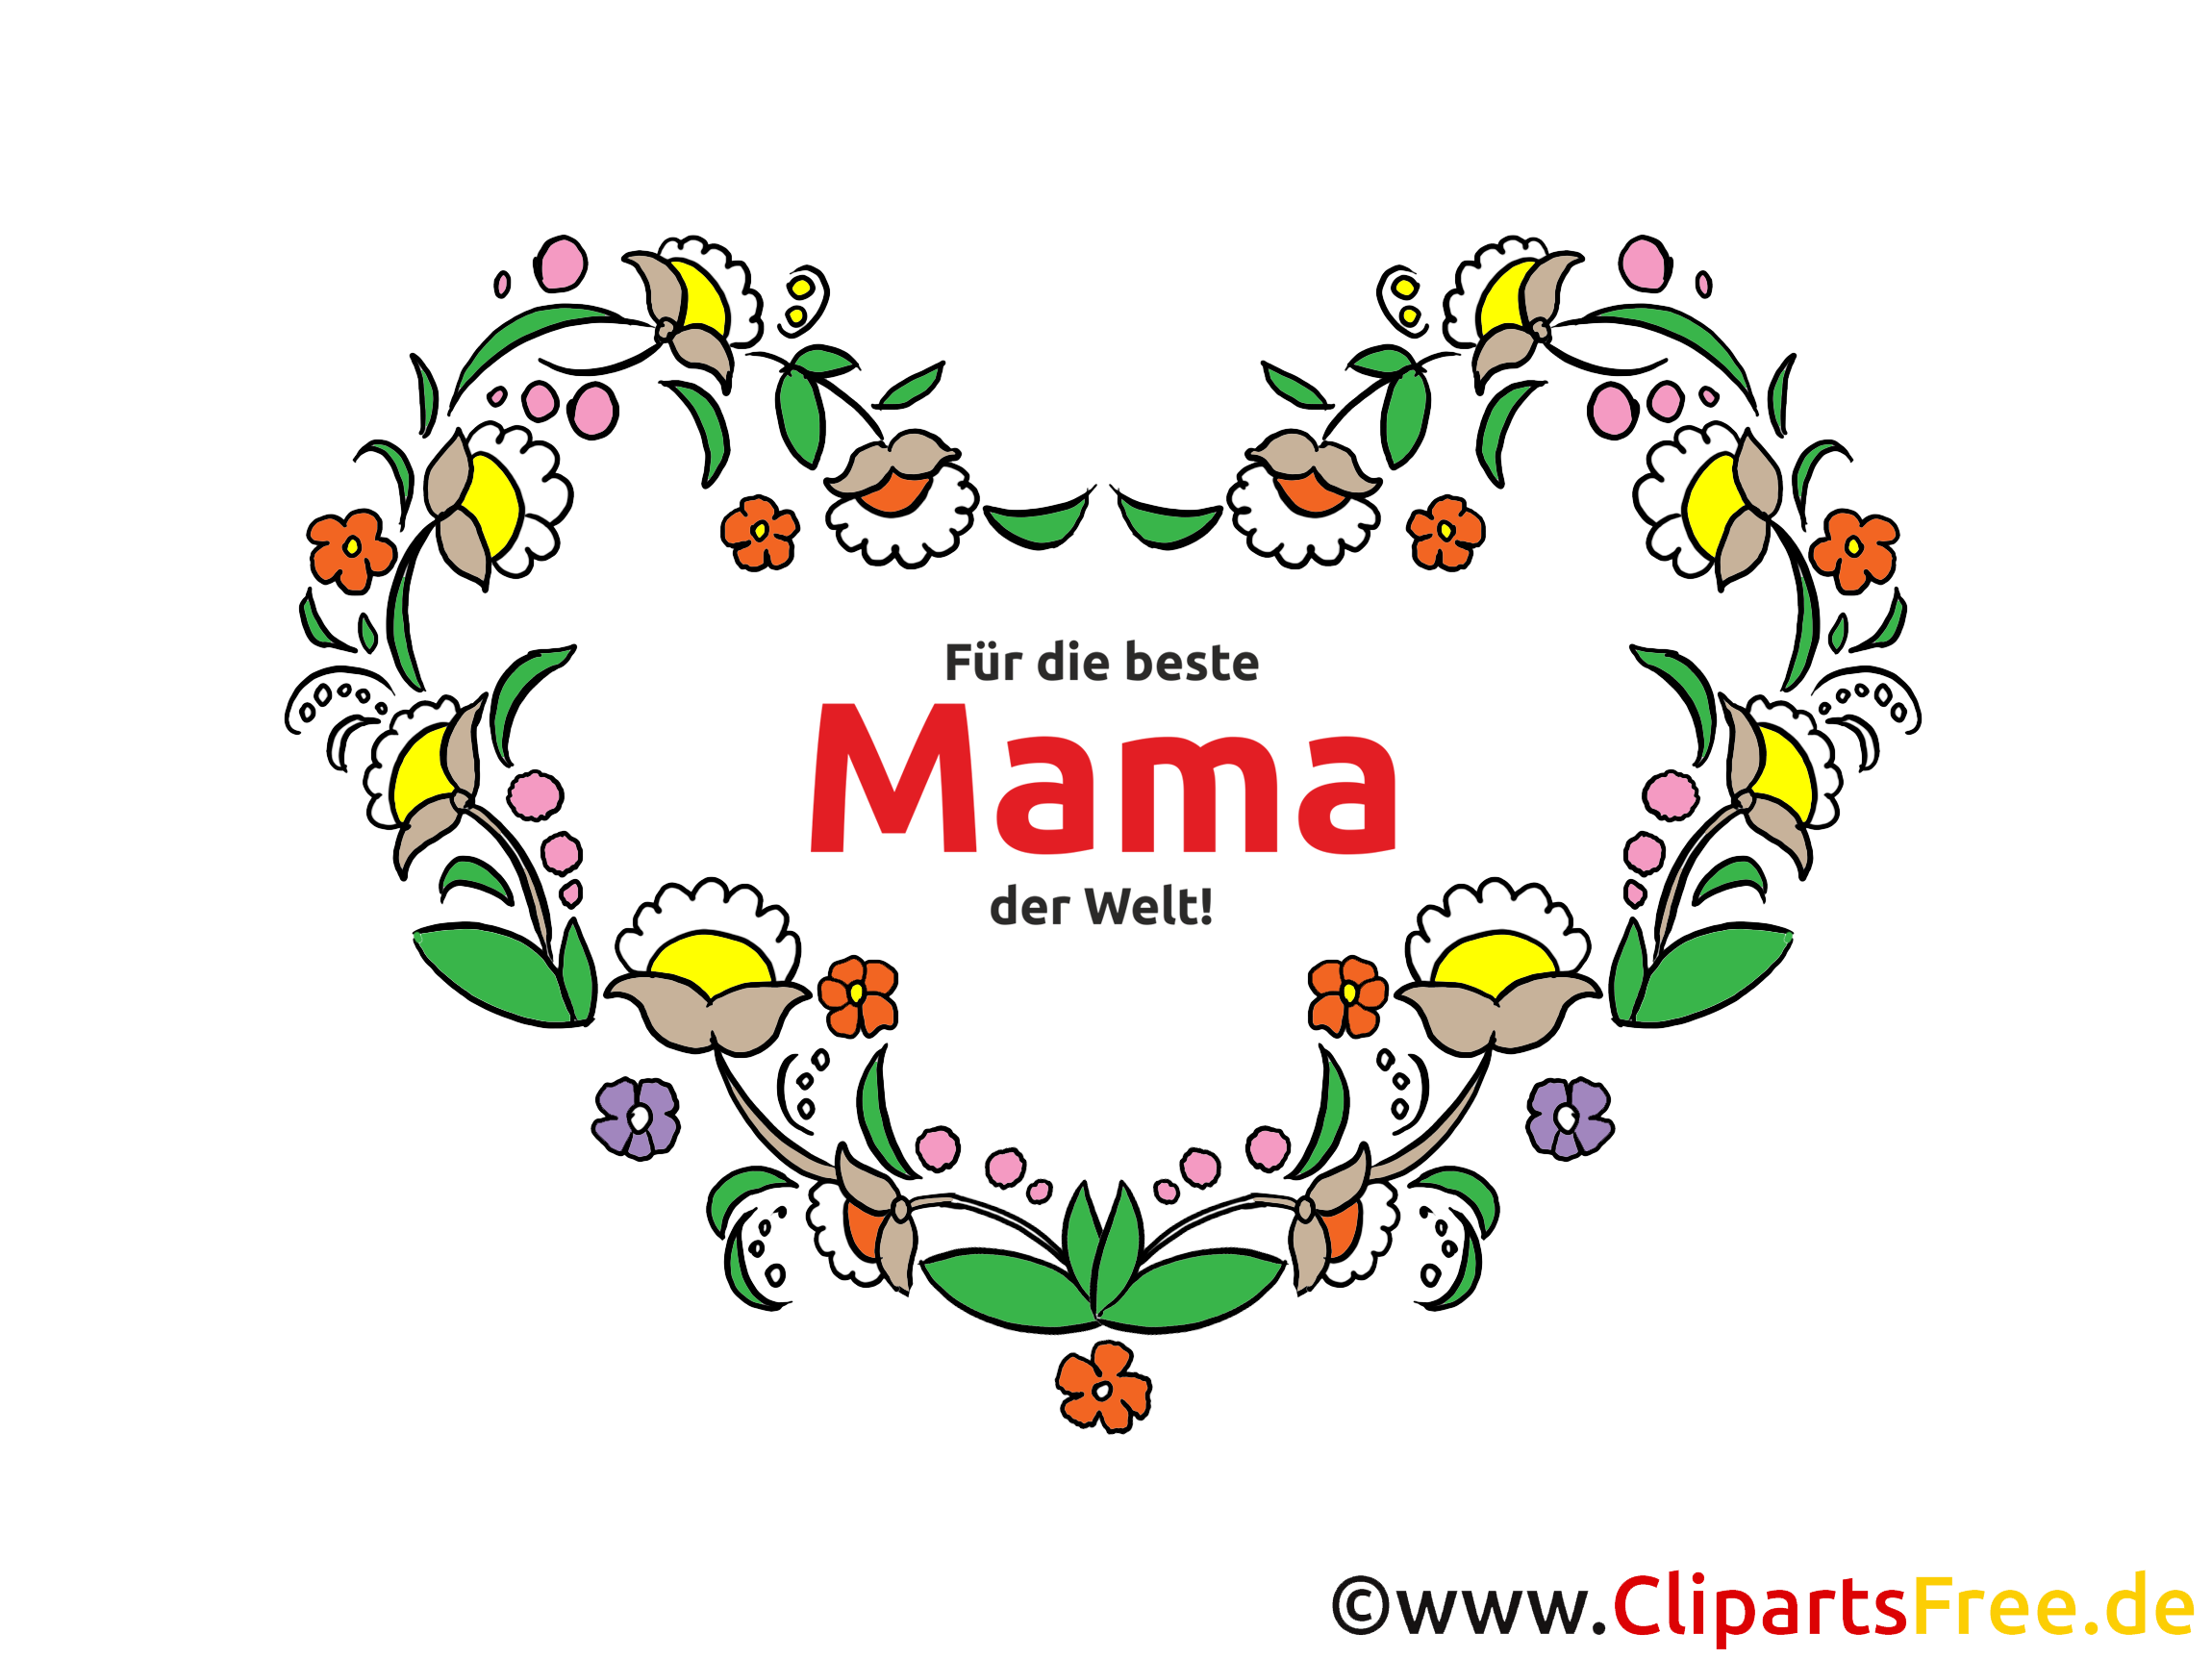 Für die beste Mama der Welt Glückwunschkarte, Grußkarte, eCard